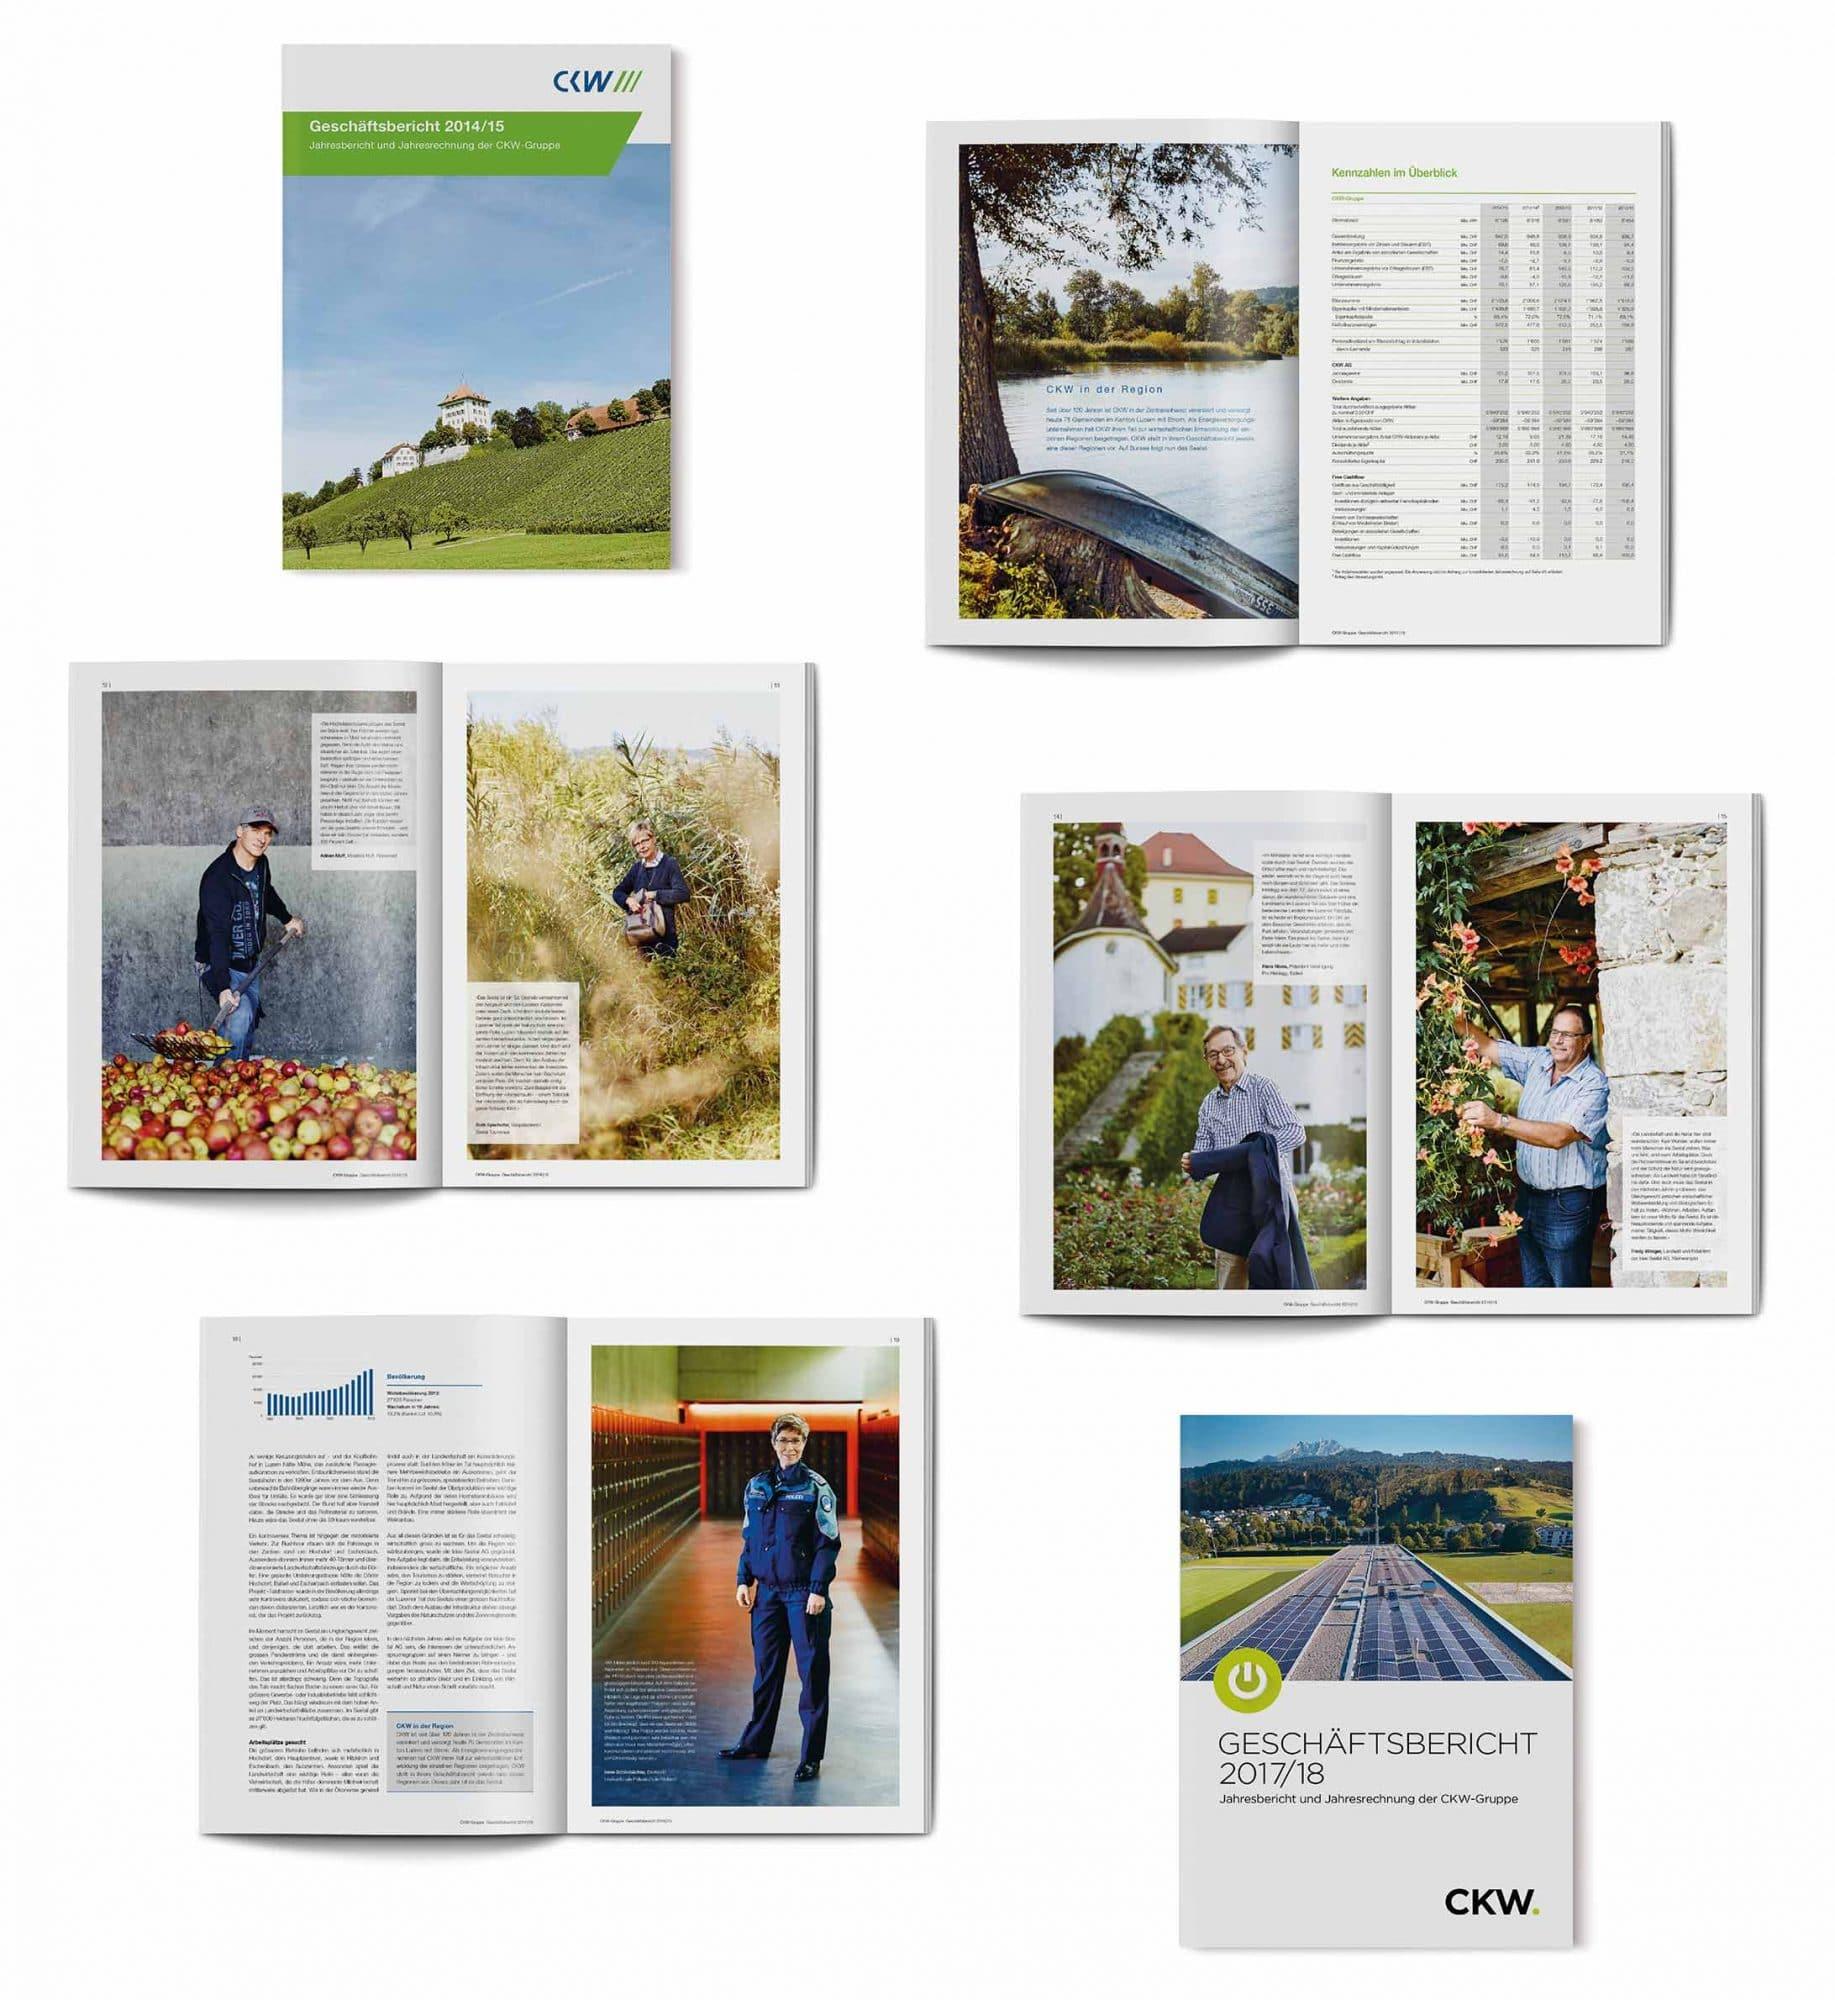 Geschäftsbericht CKW Beispielsseiten